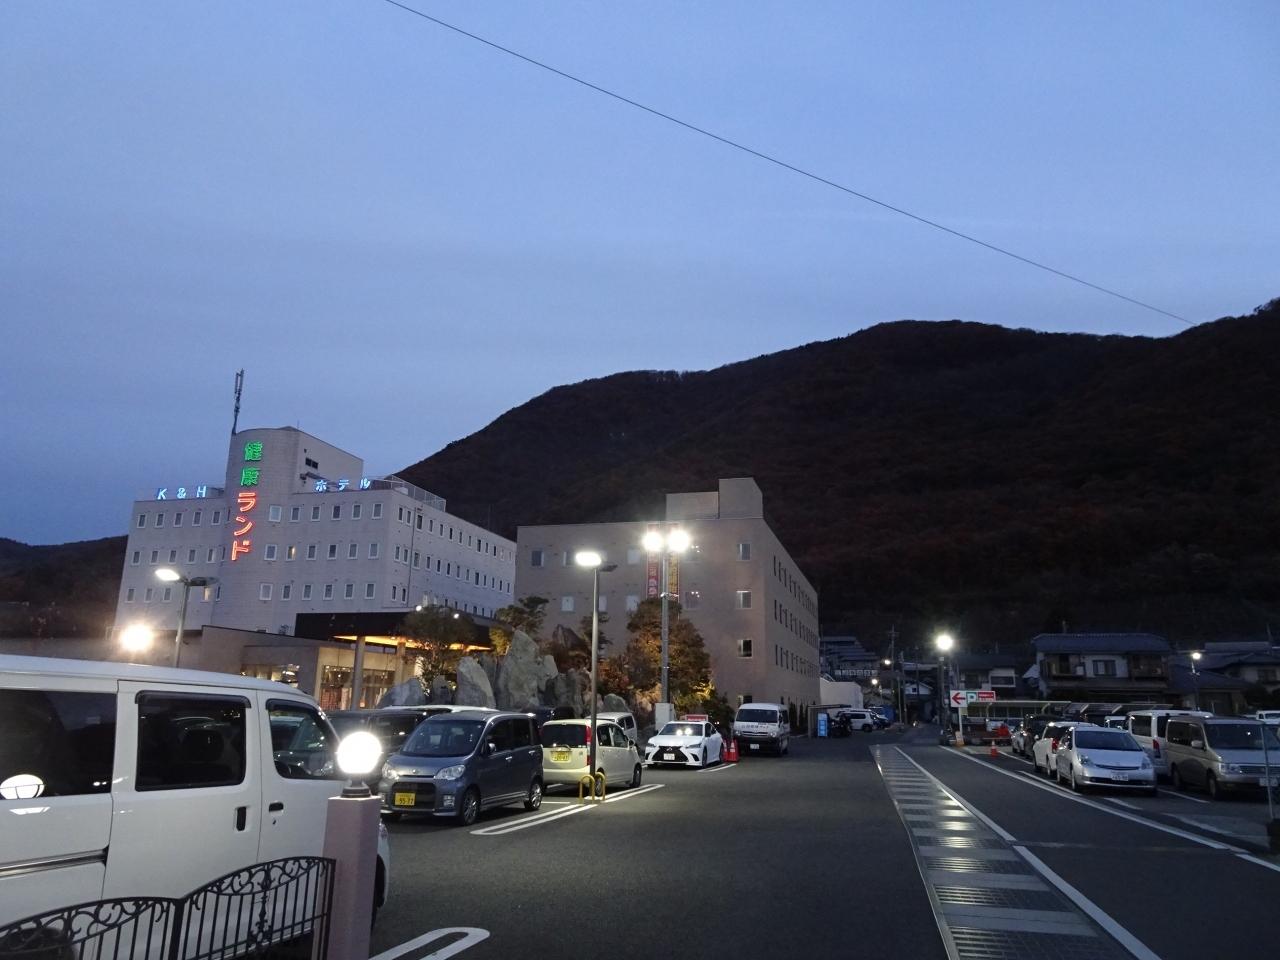 再び山梨に戻り、石和健康ランドの仮眠室で宿泊。 入館料無料券があったので深夜料金のみで1100円。